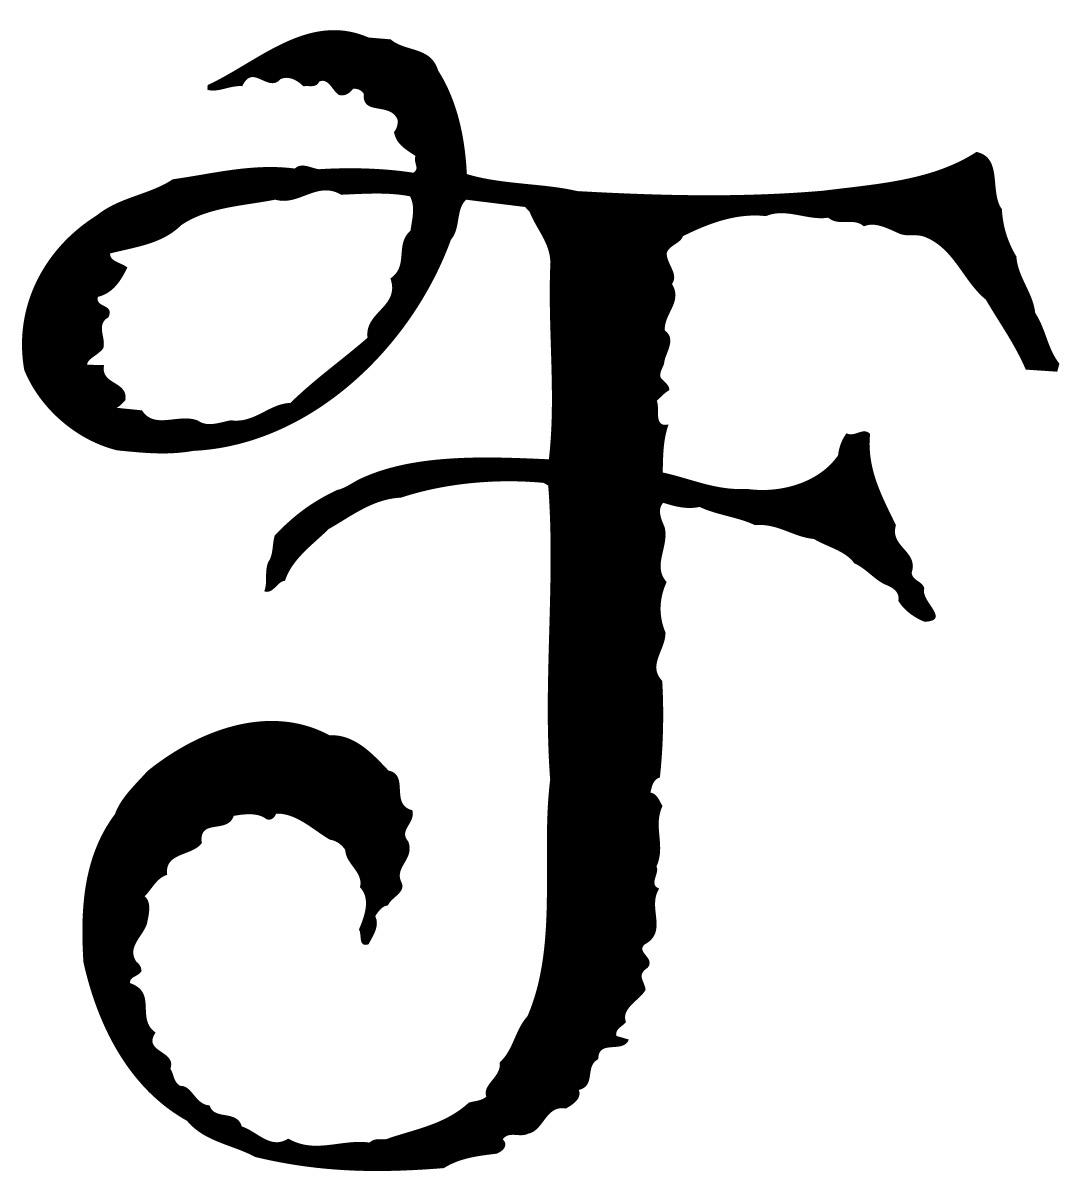 Worksheet The Letter T In Cursive cursive letter t fonts image tips fonts